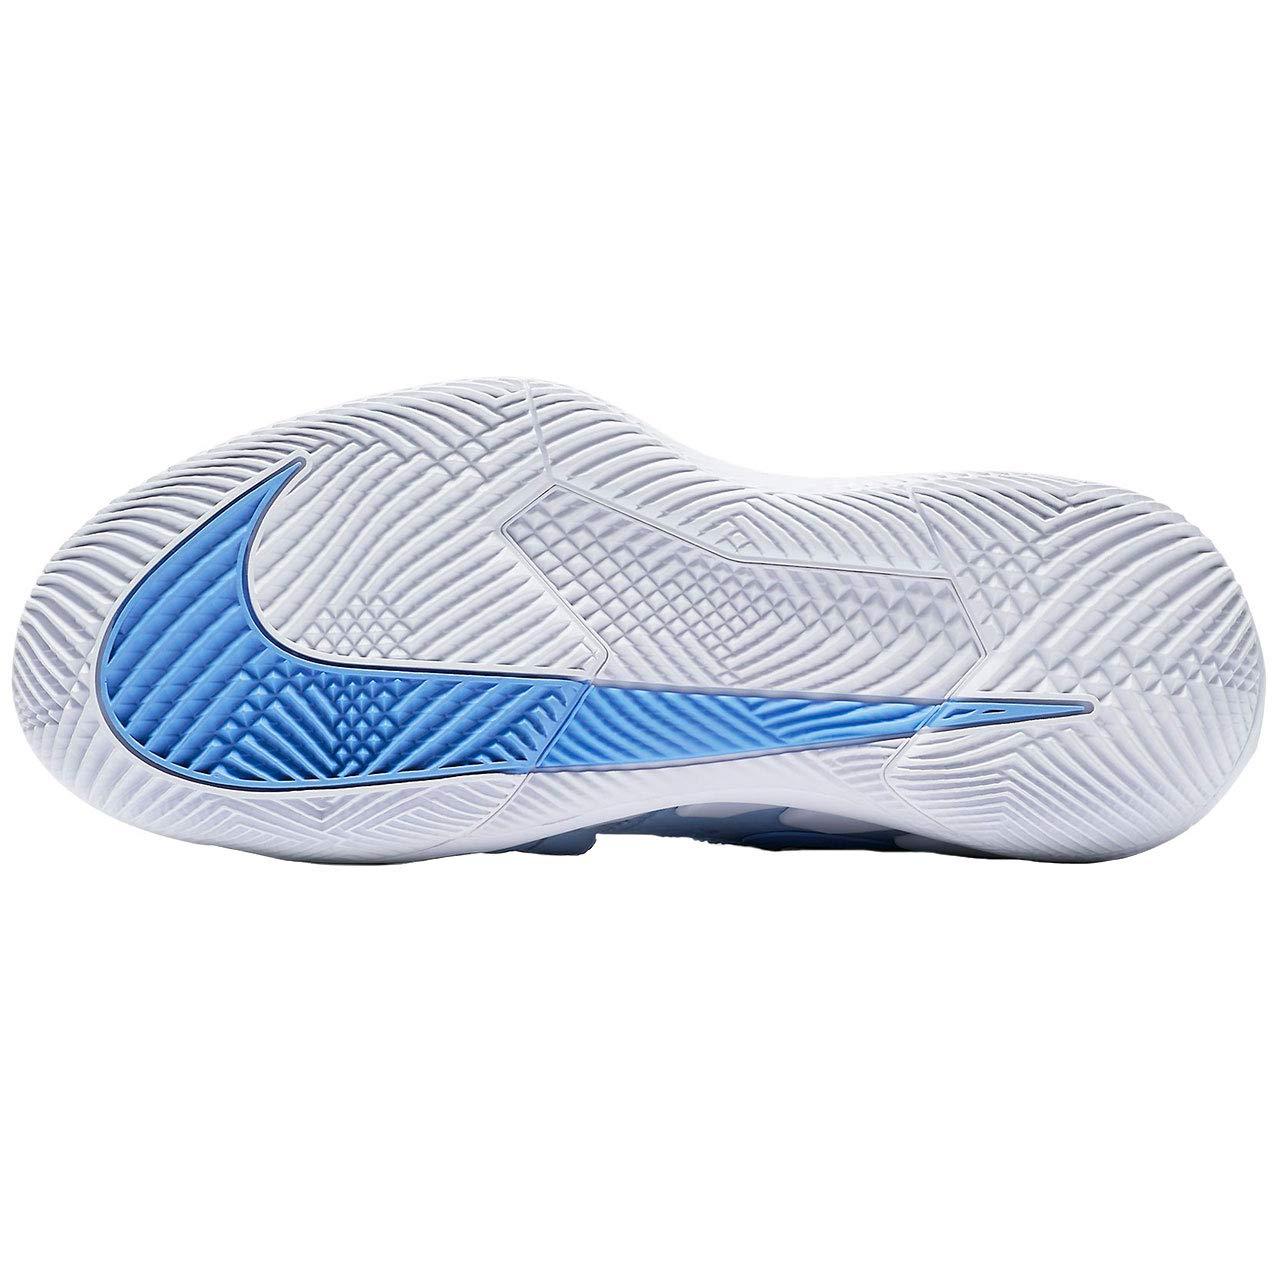 Chaussures de Tennis Femme Nike WMNS Air Zoom Vapor X HC